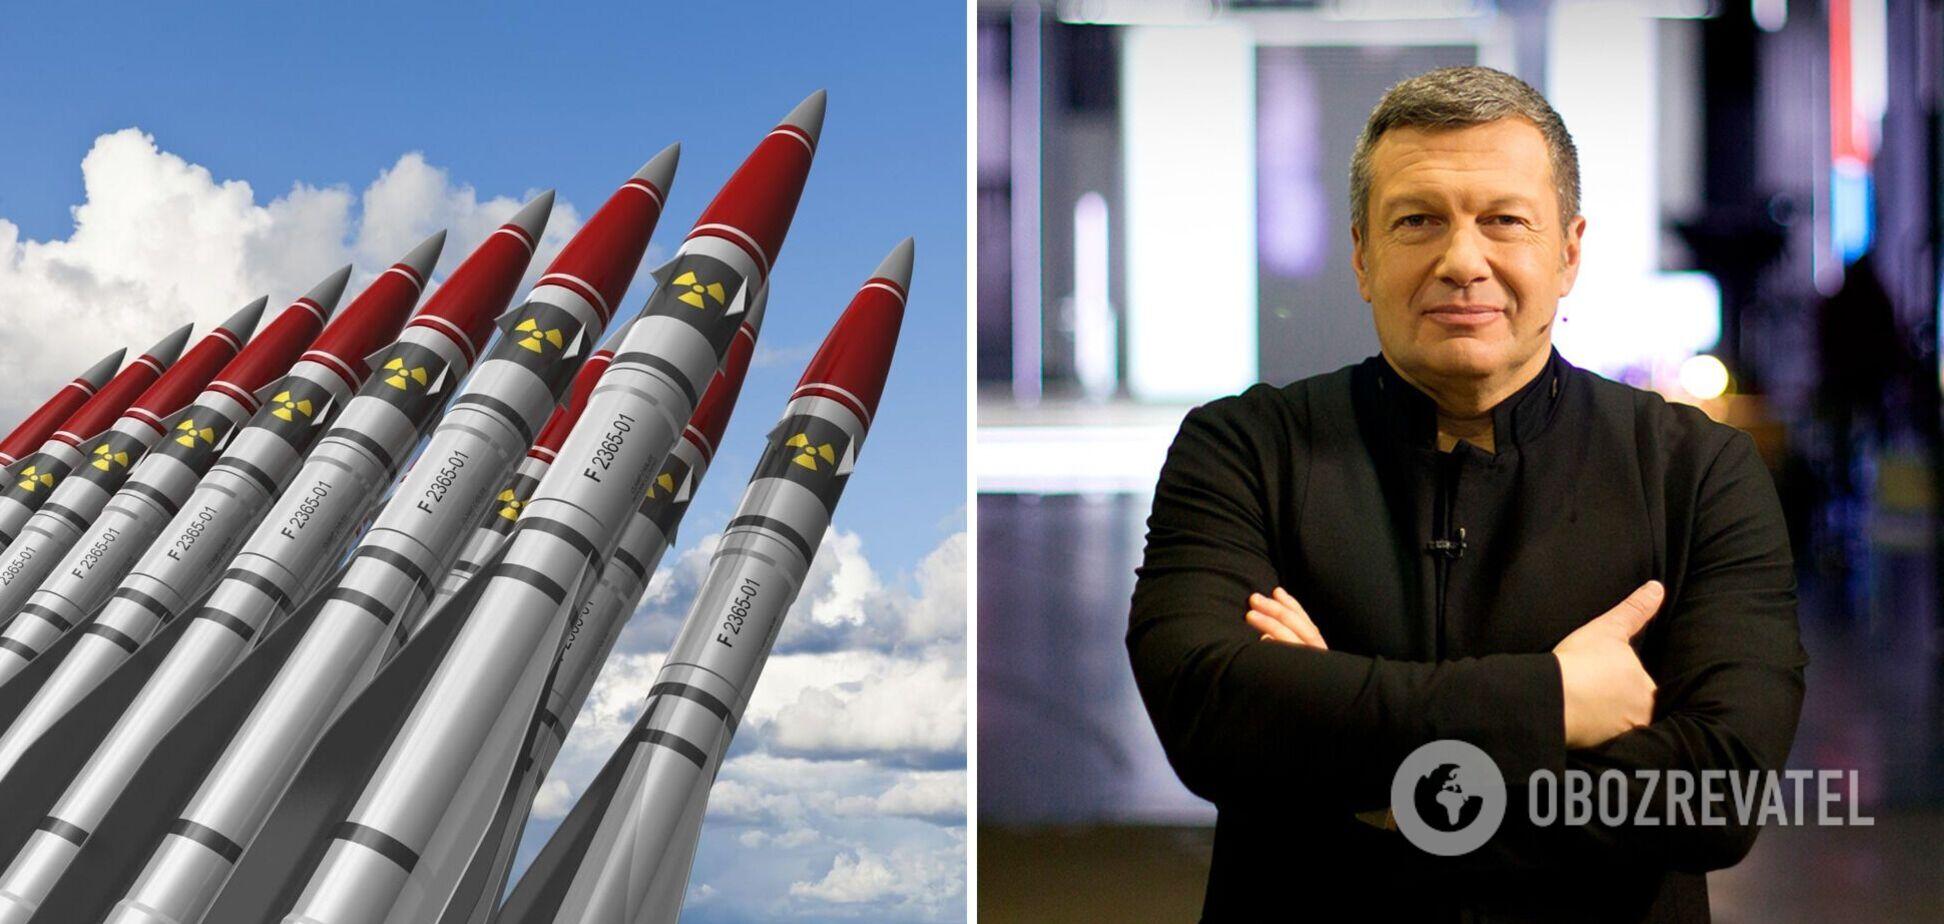 У Соловйова в студії обговорювали 'демонстраційний ядерний вибух' для залякування України. Відео